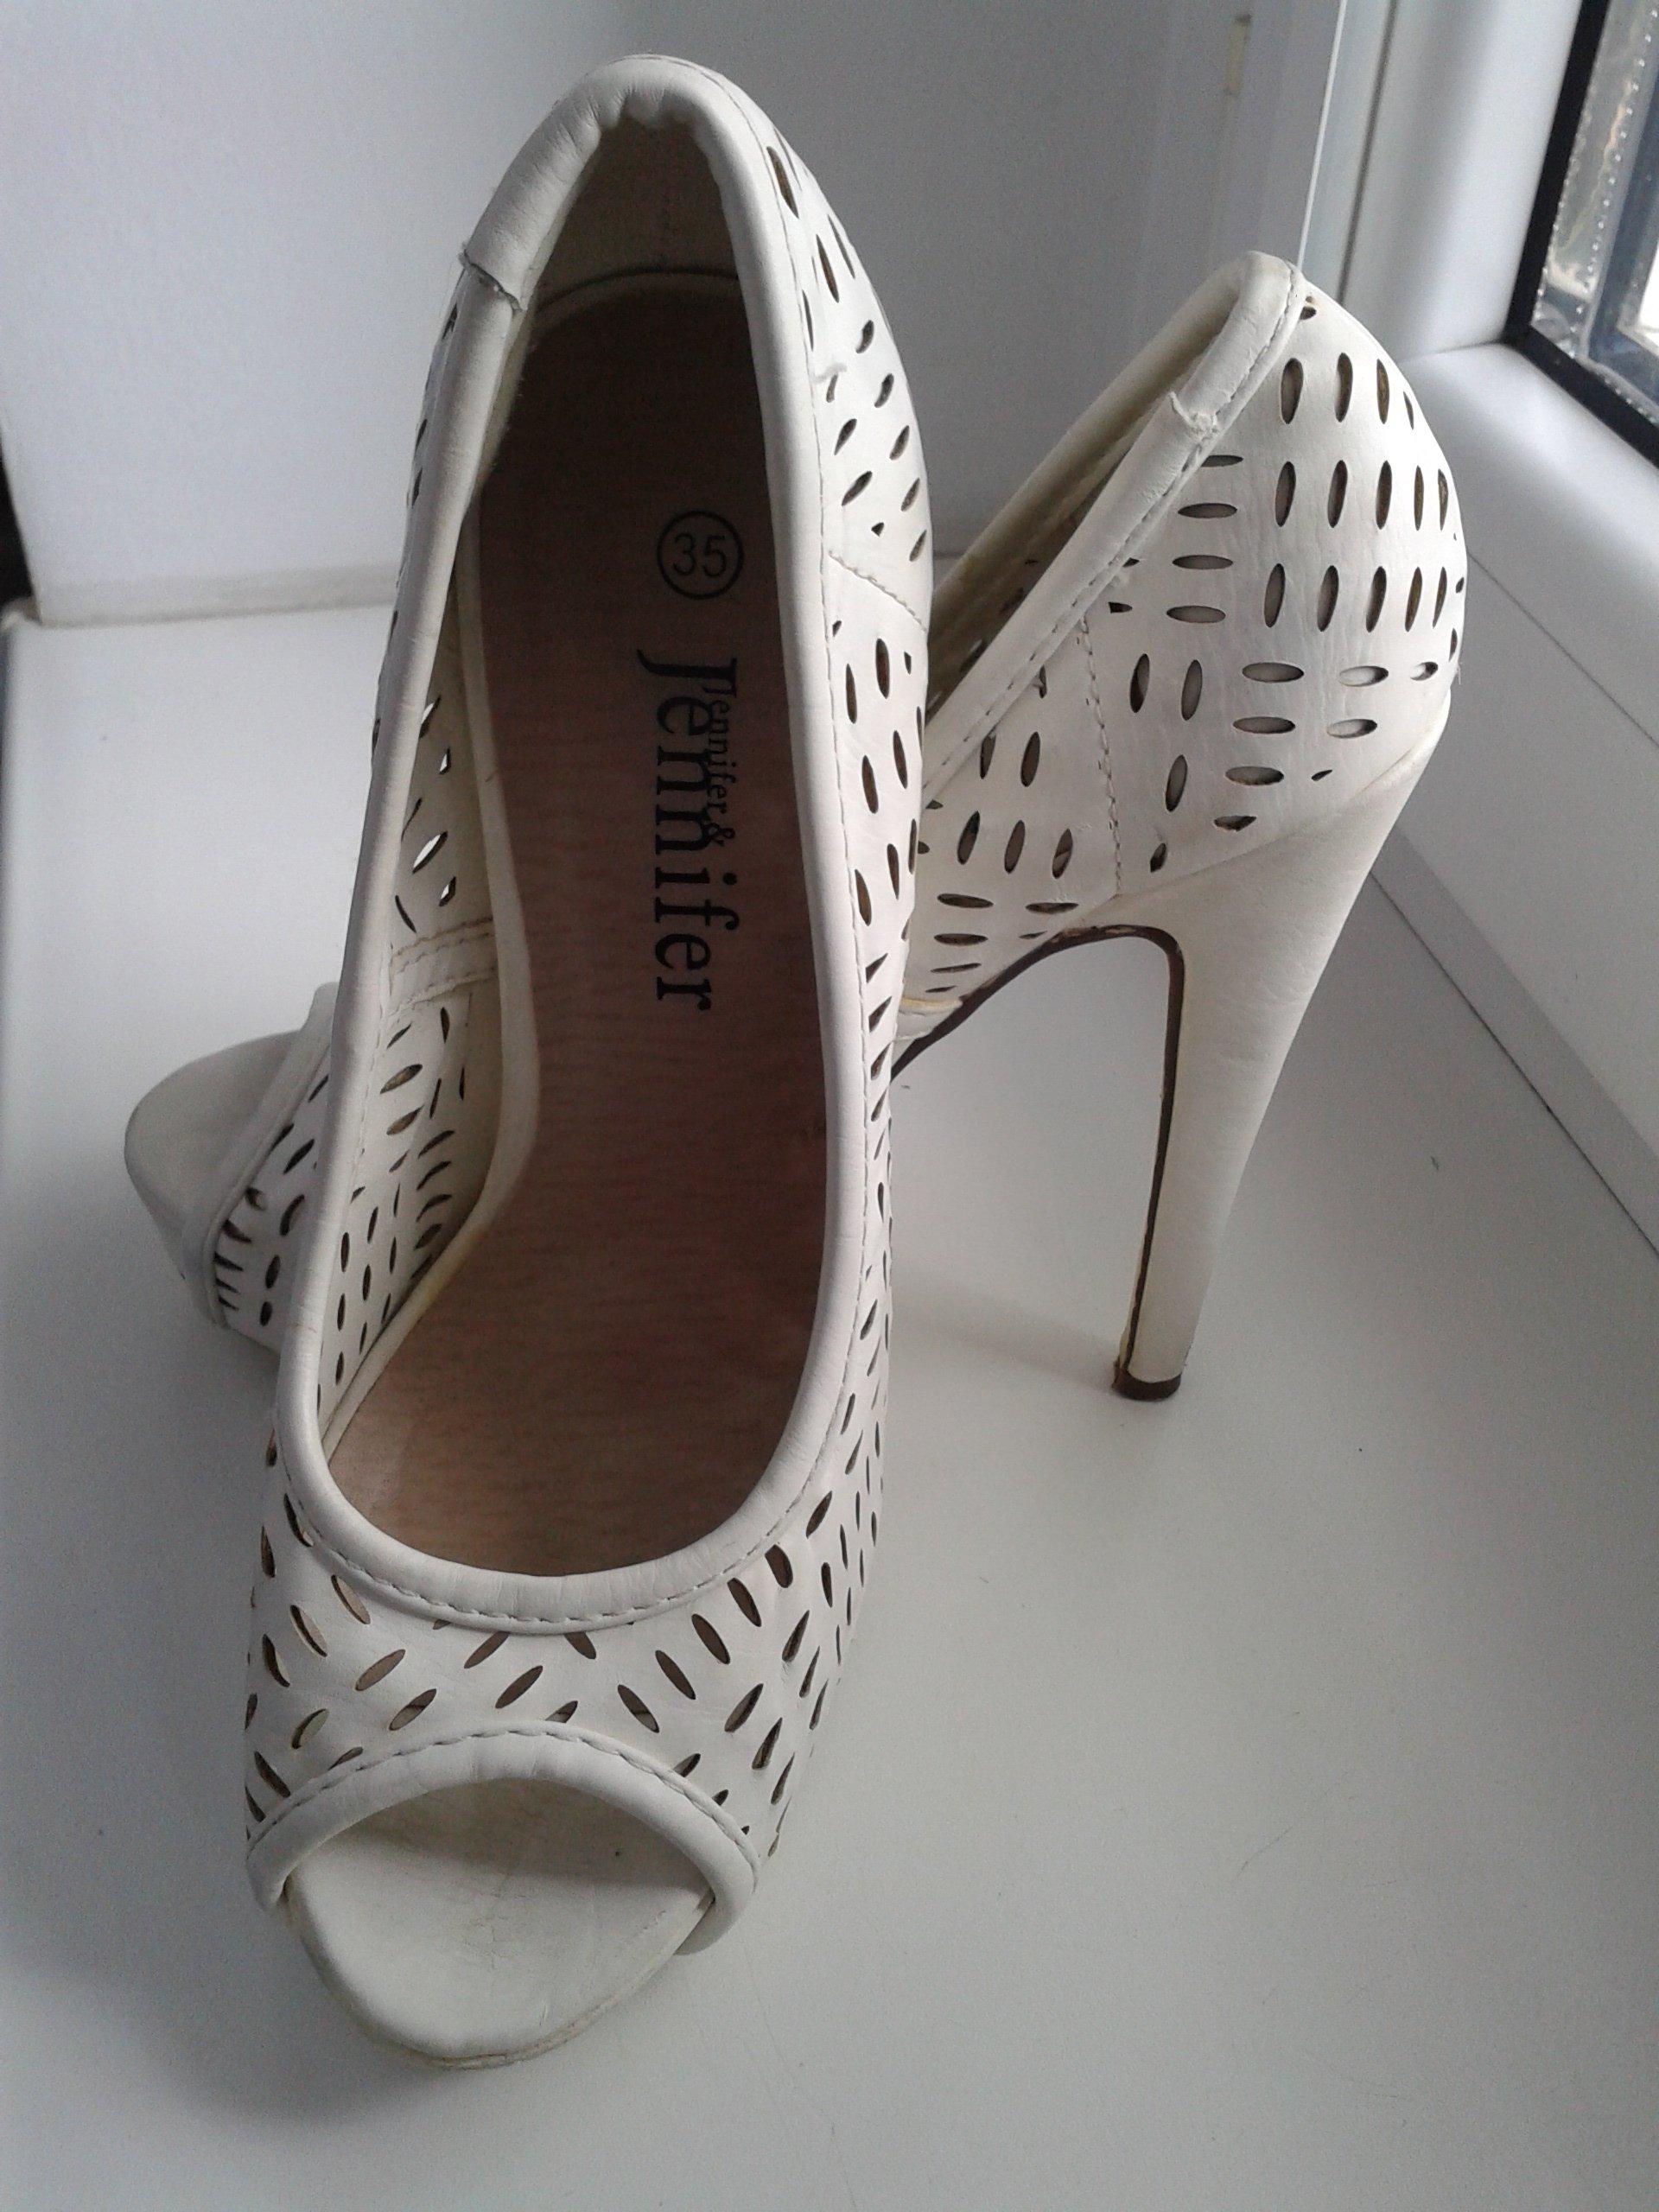 8b2cc4b4 Wysokie białe szpilki / damskie buty - rozm. 35 - 7403378988 ...